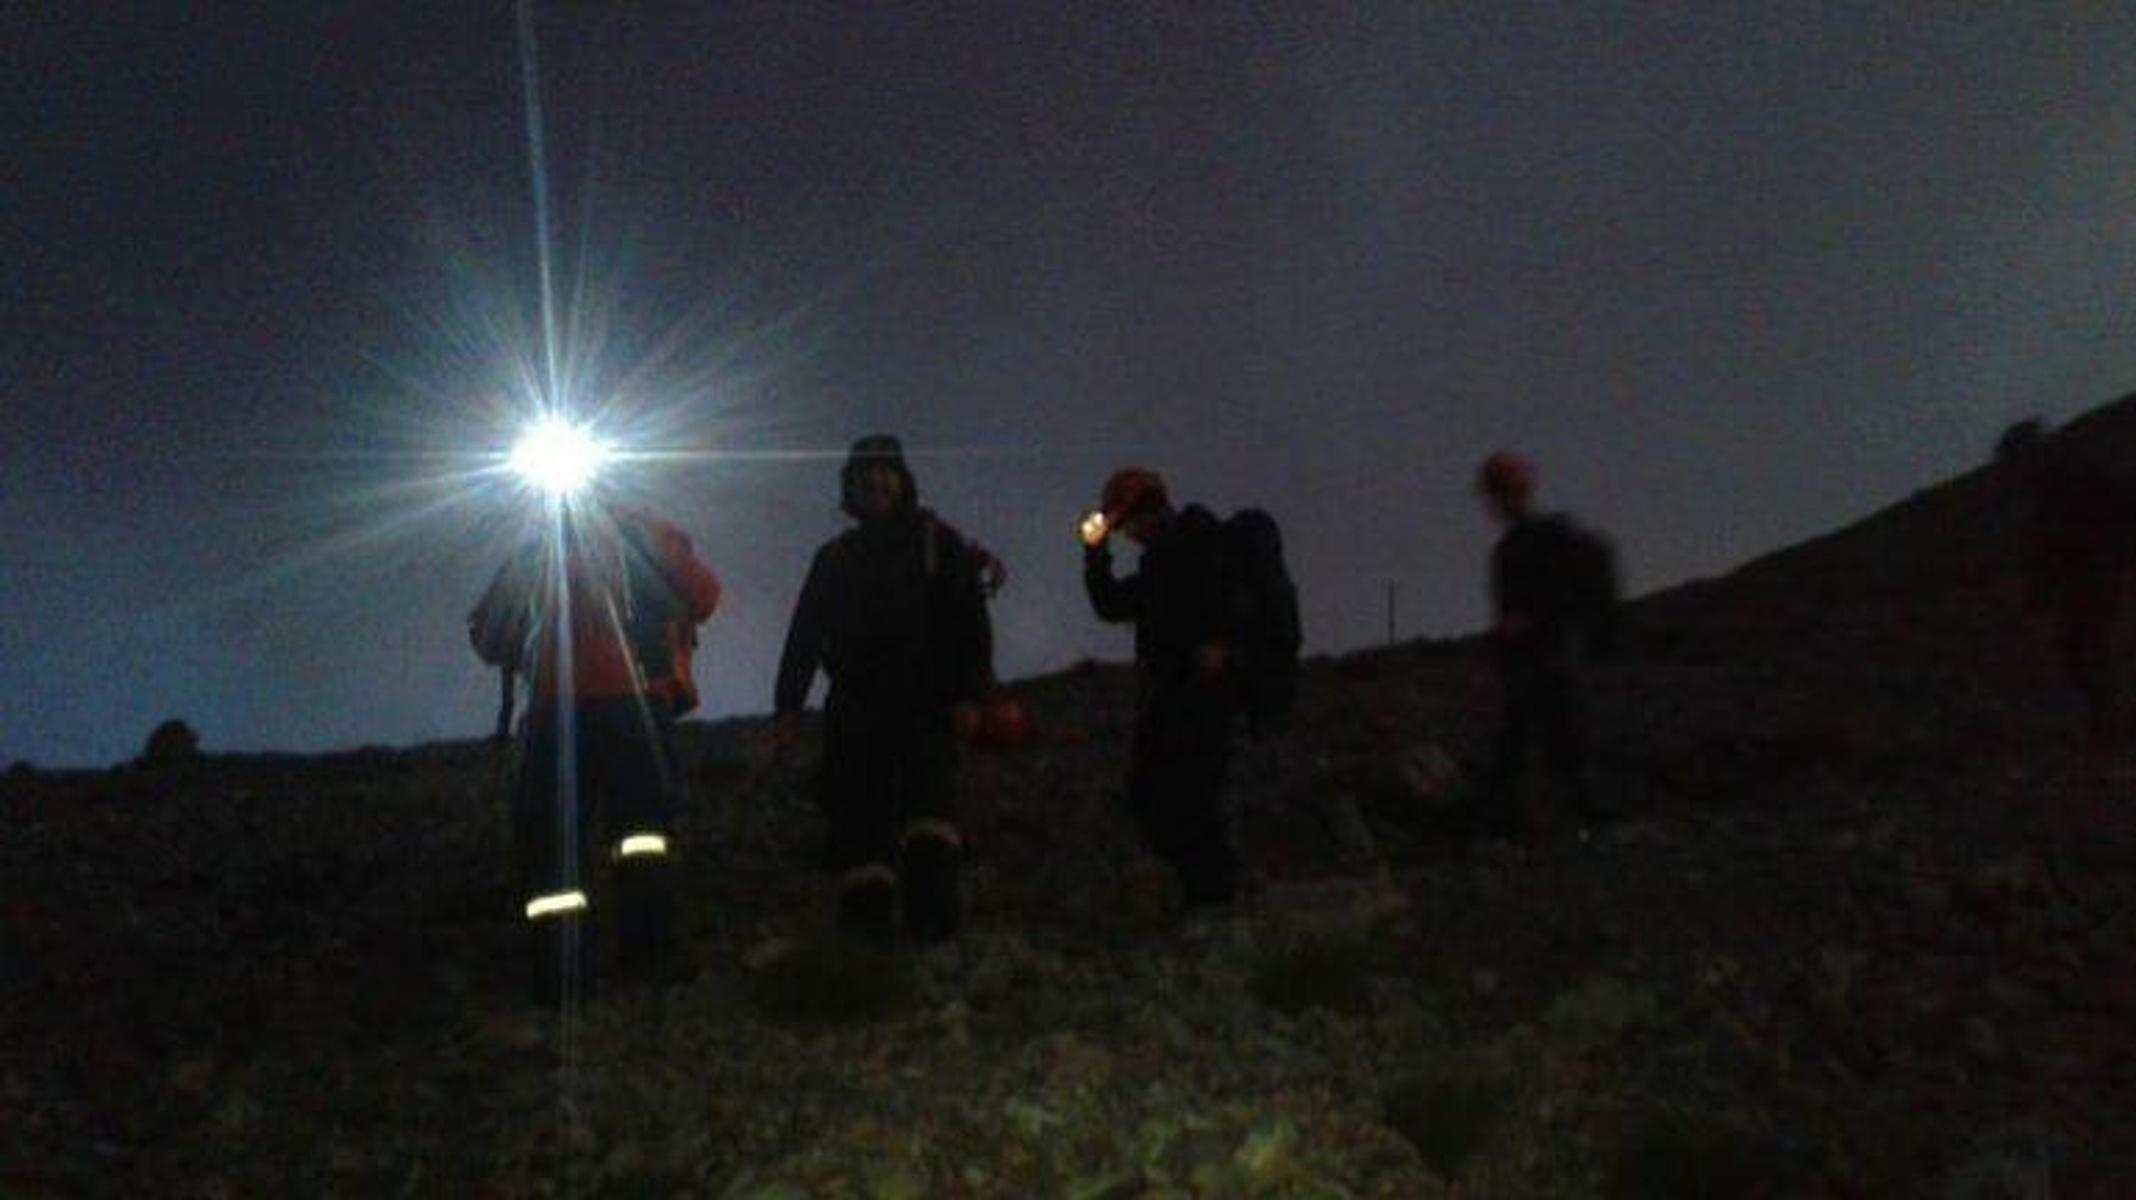 Κρήτη: Συναγερμός στον Ψηλορείτη – Ένας τραυματίας κι ένας αγνοούμενος